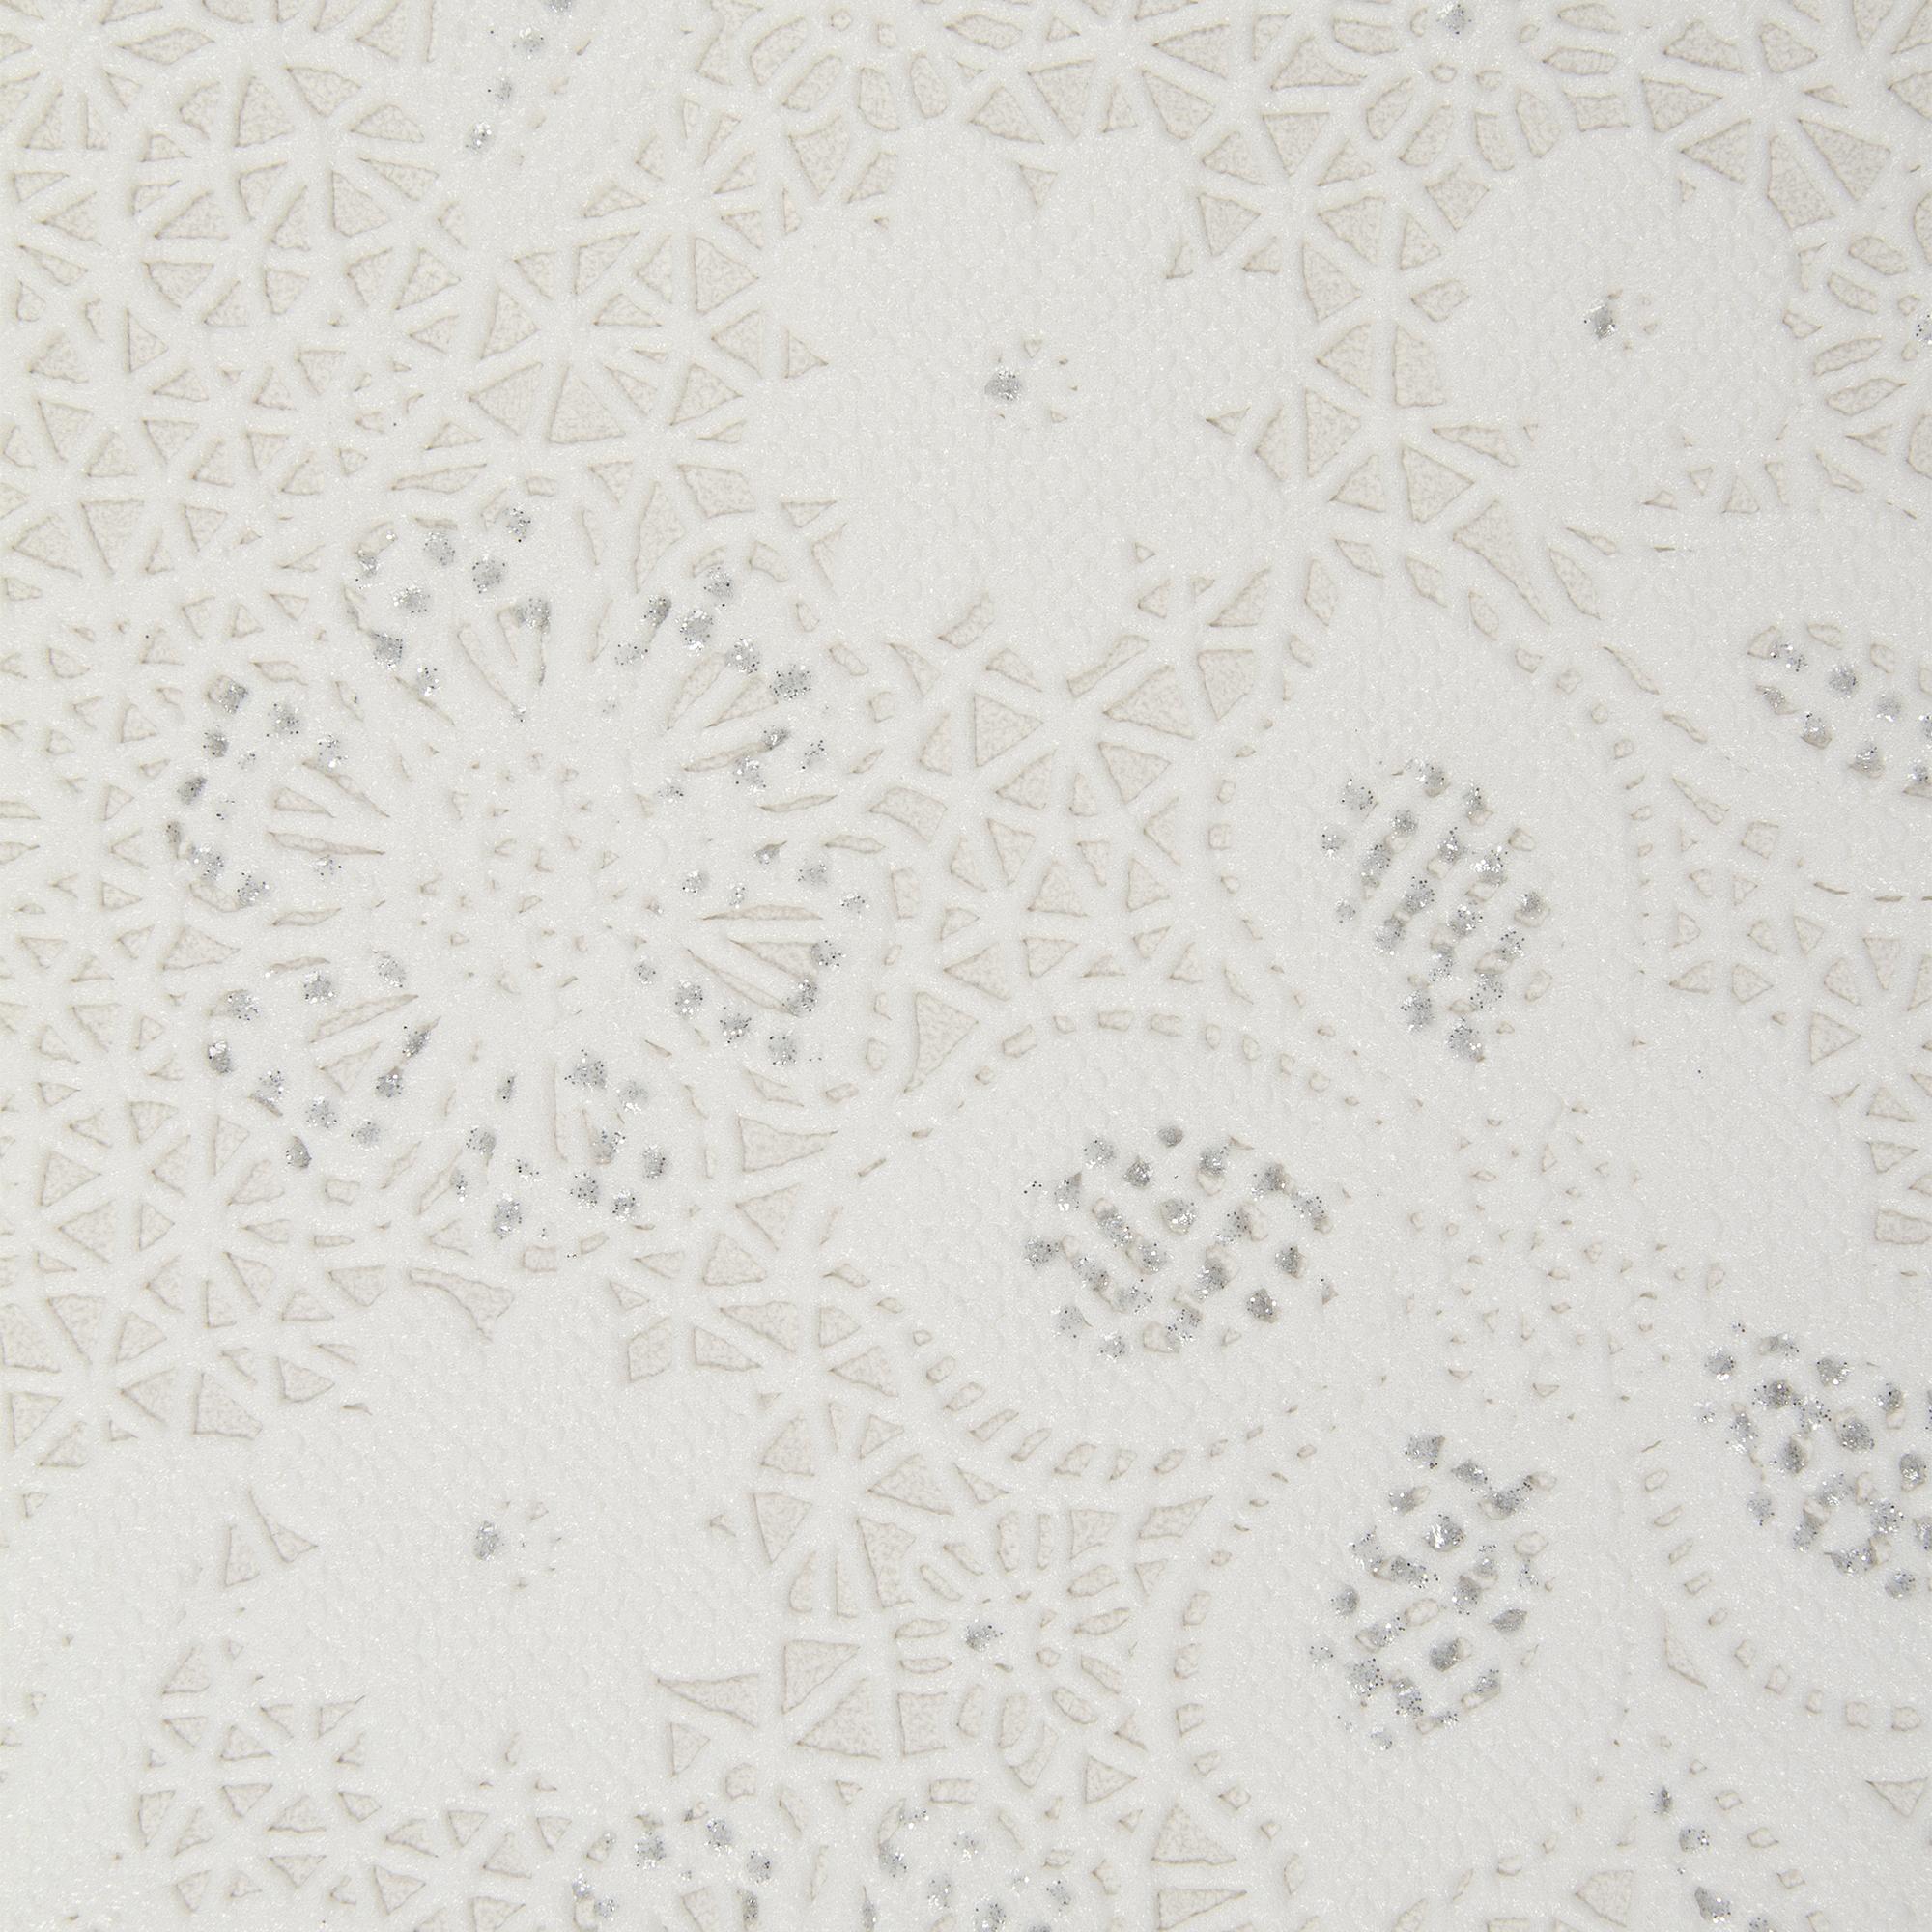 Обои на флизелиновой основе 1.06х10 м кружево цвет чёрно-белый PP 8302-14